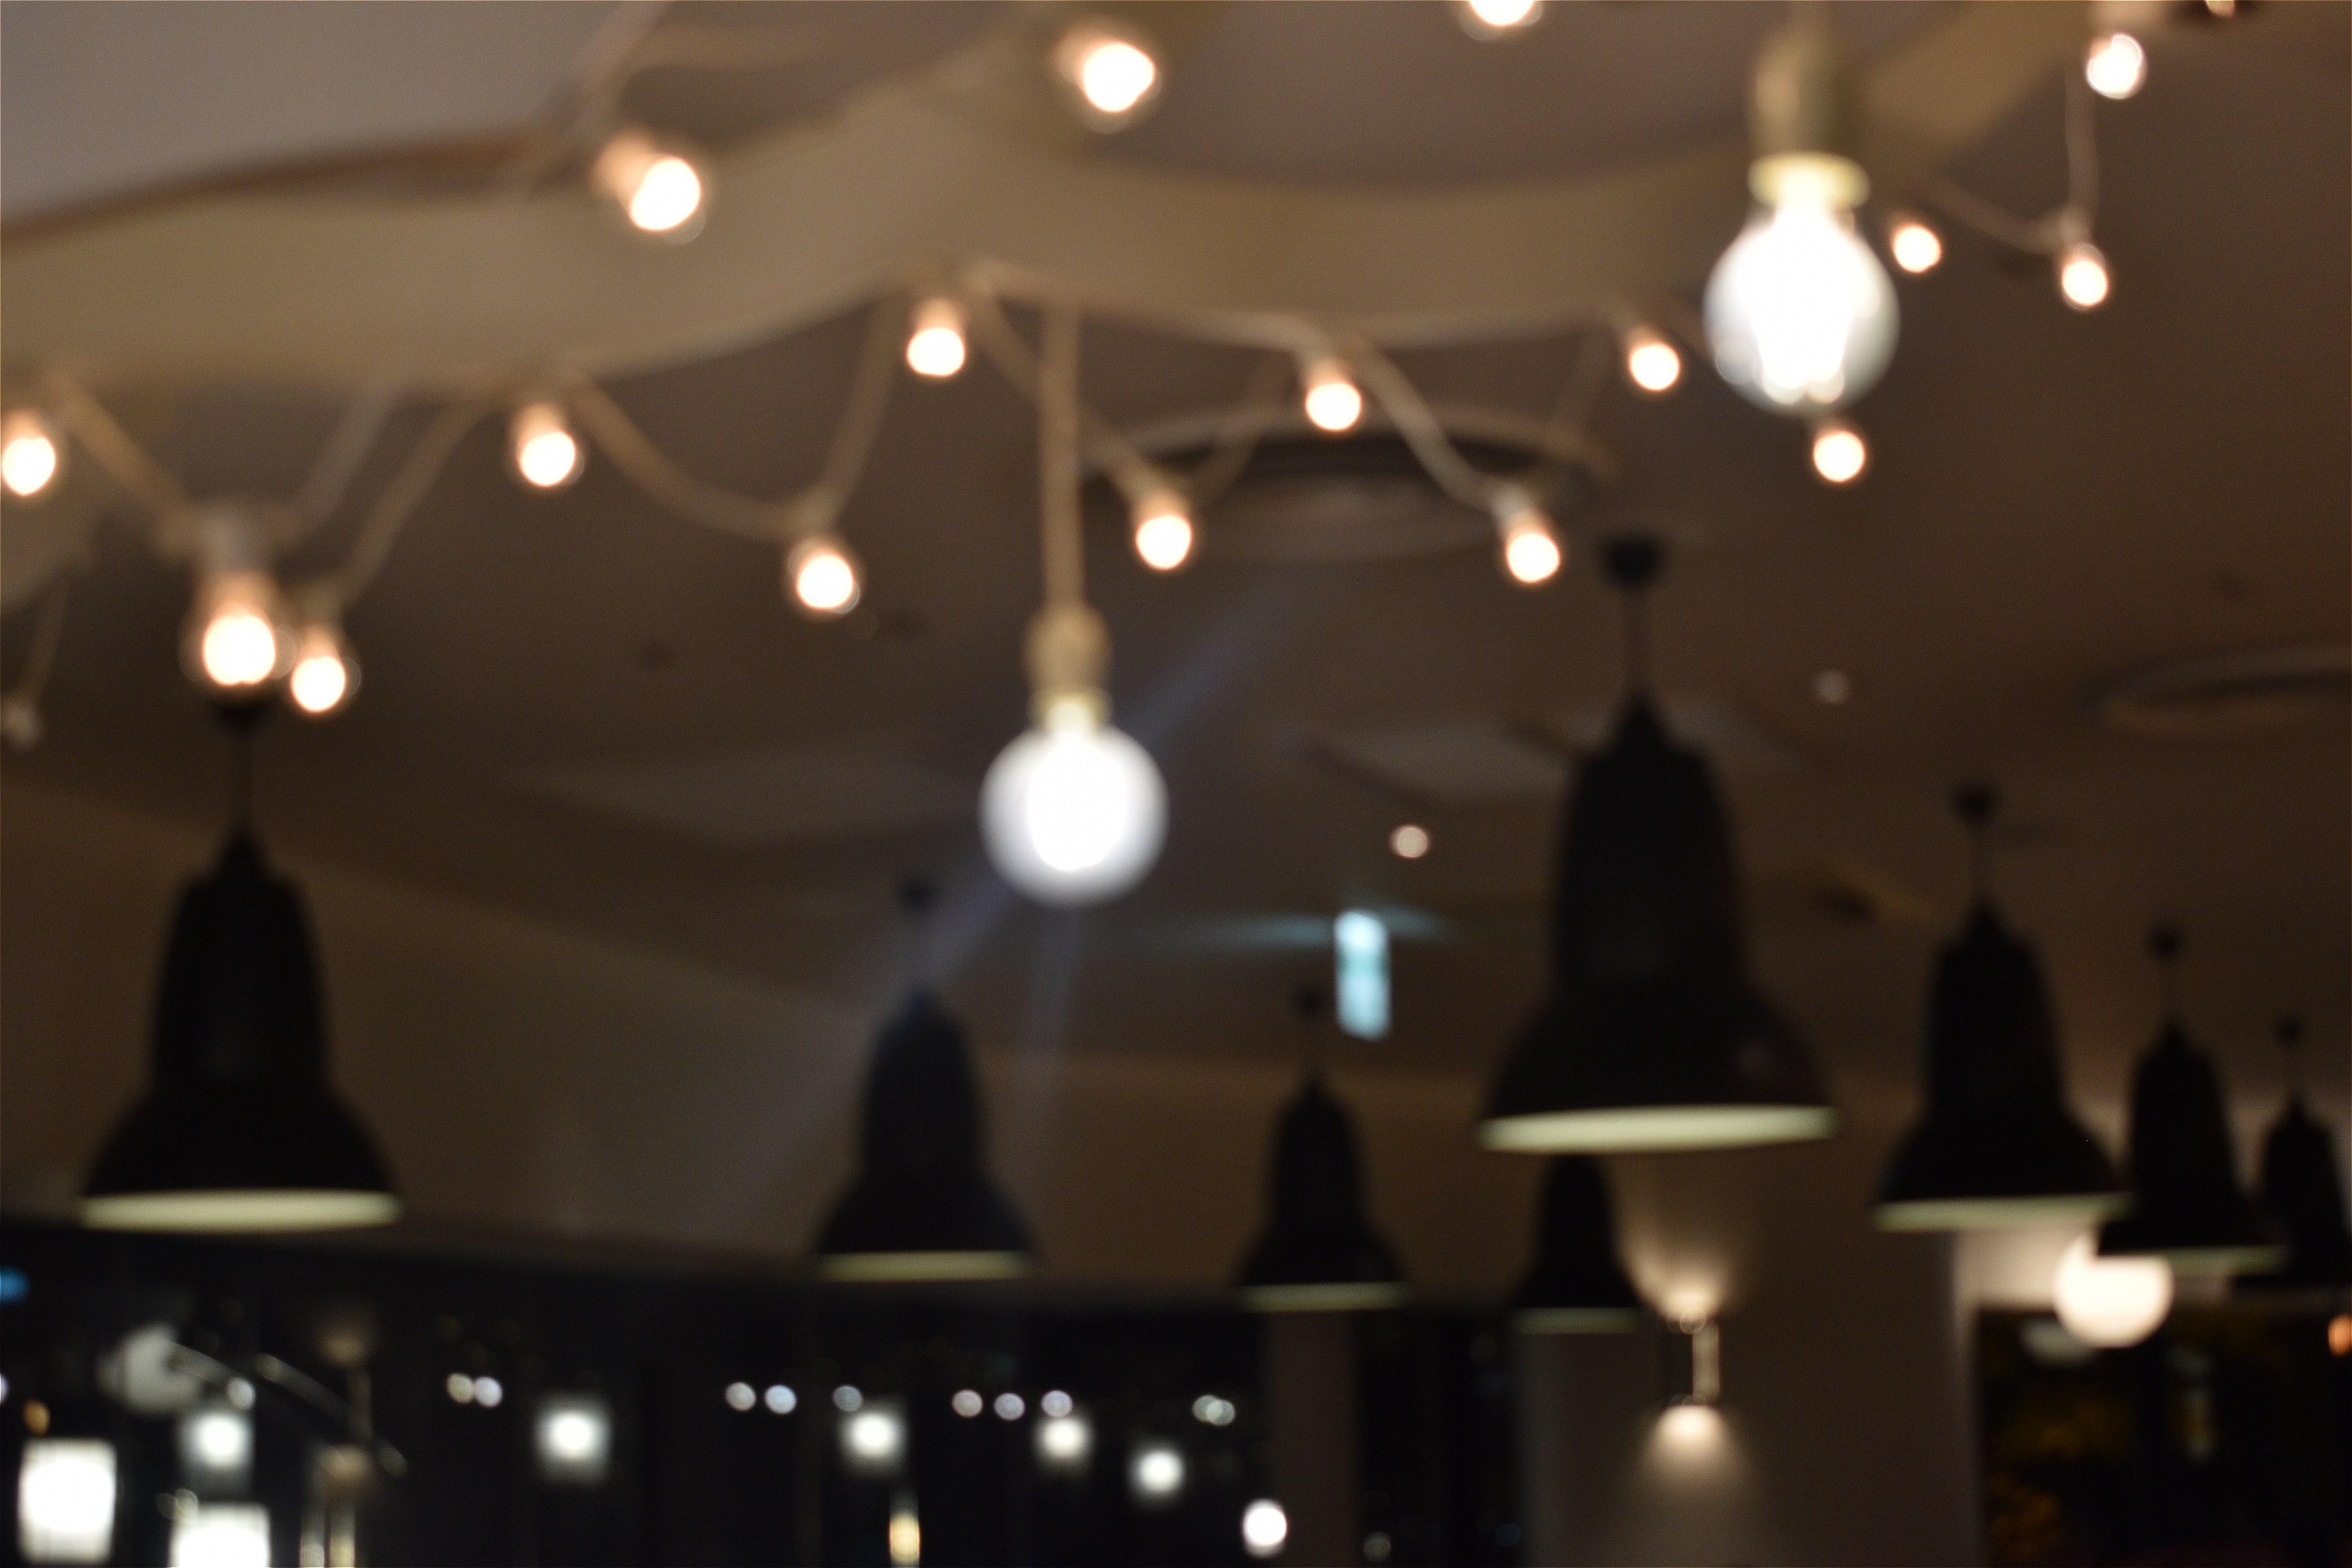 名古屋初出店!!新感覚チーズフォンデュがおすすめのチーズ料理専門店「CHEESE CRAFT WORKS」 - s DSC 0323